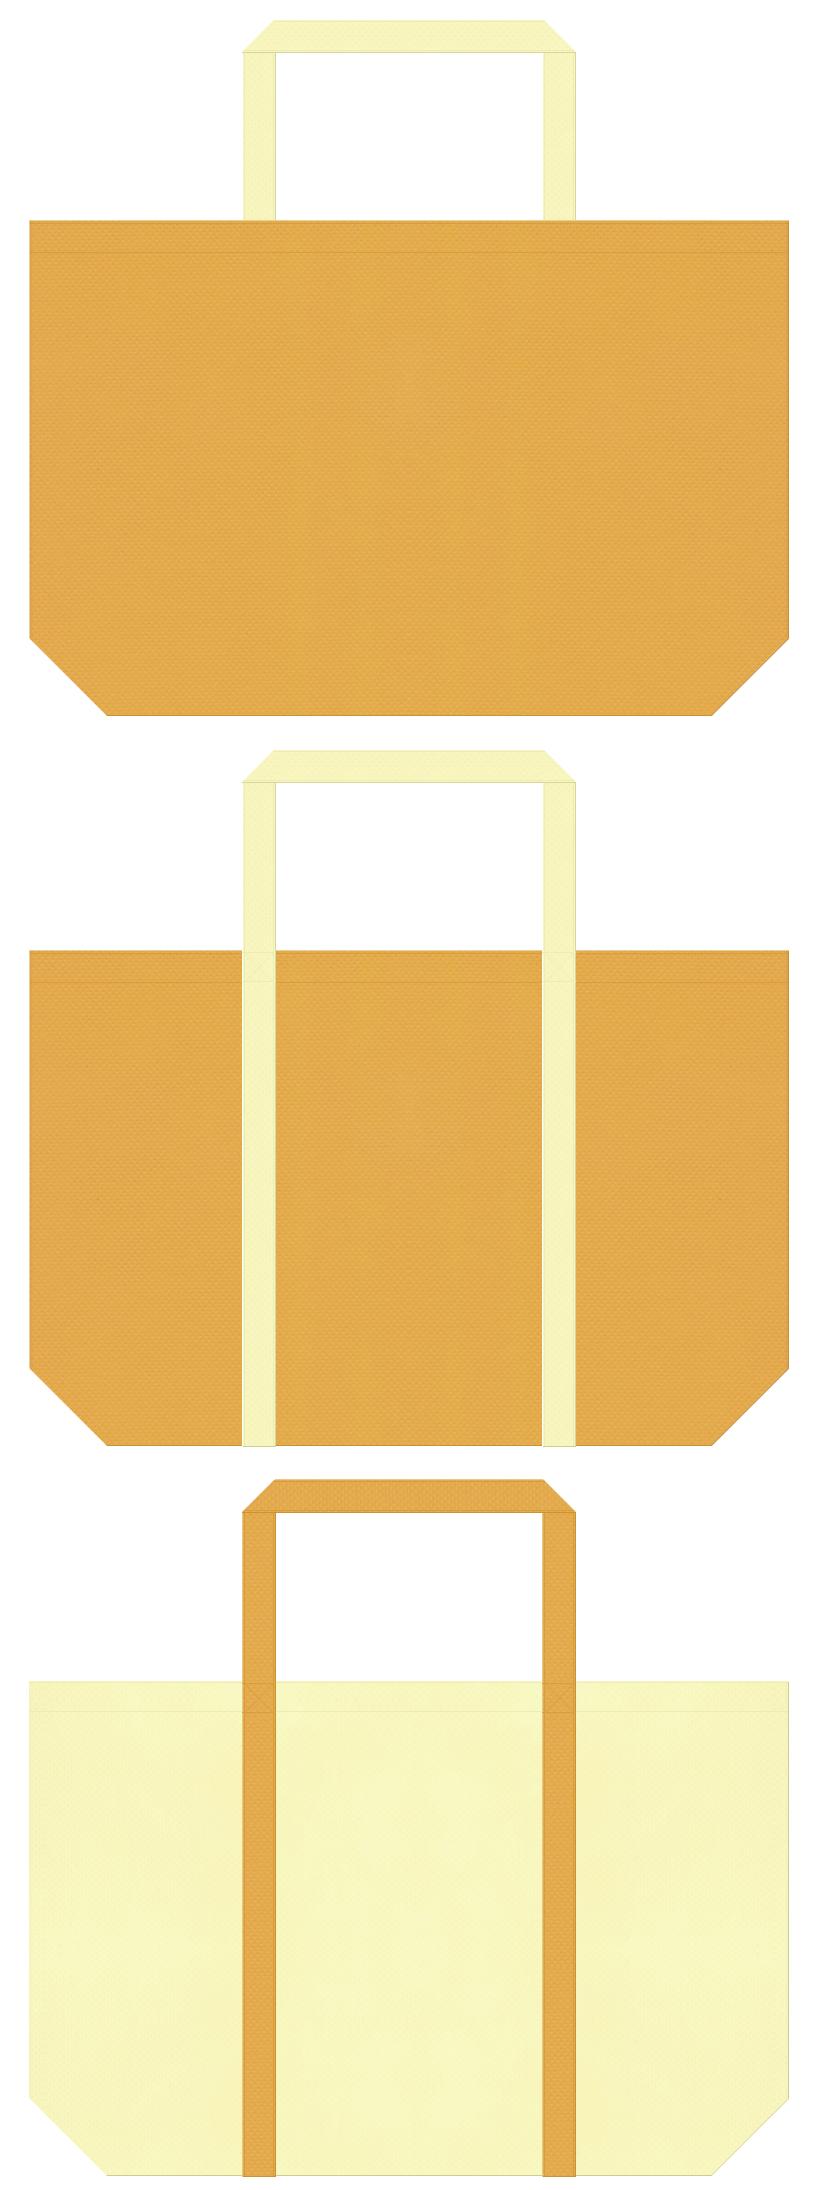 黄土色と薄黄色の不織布バッグデザイン。フライドポテト風の配色です。